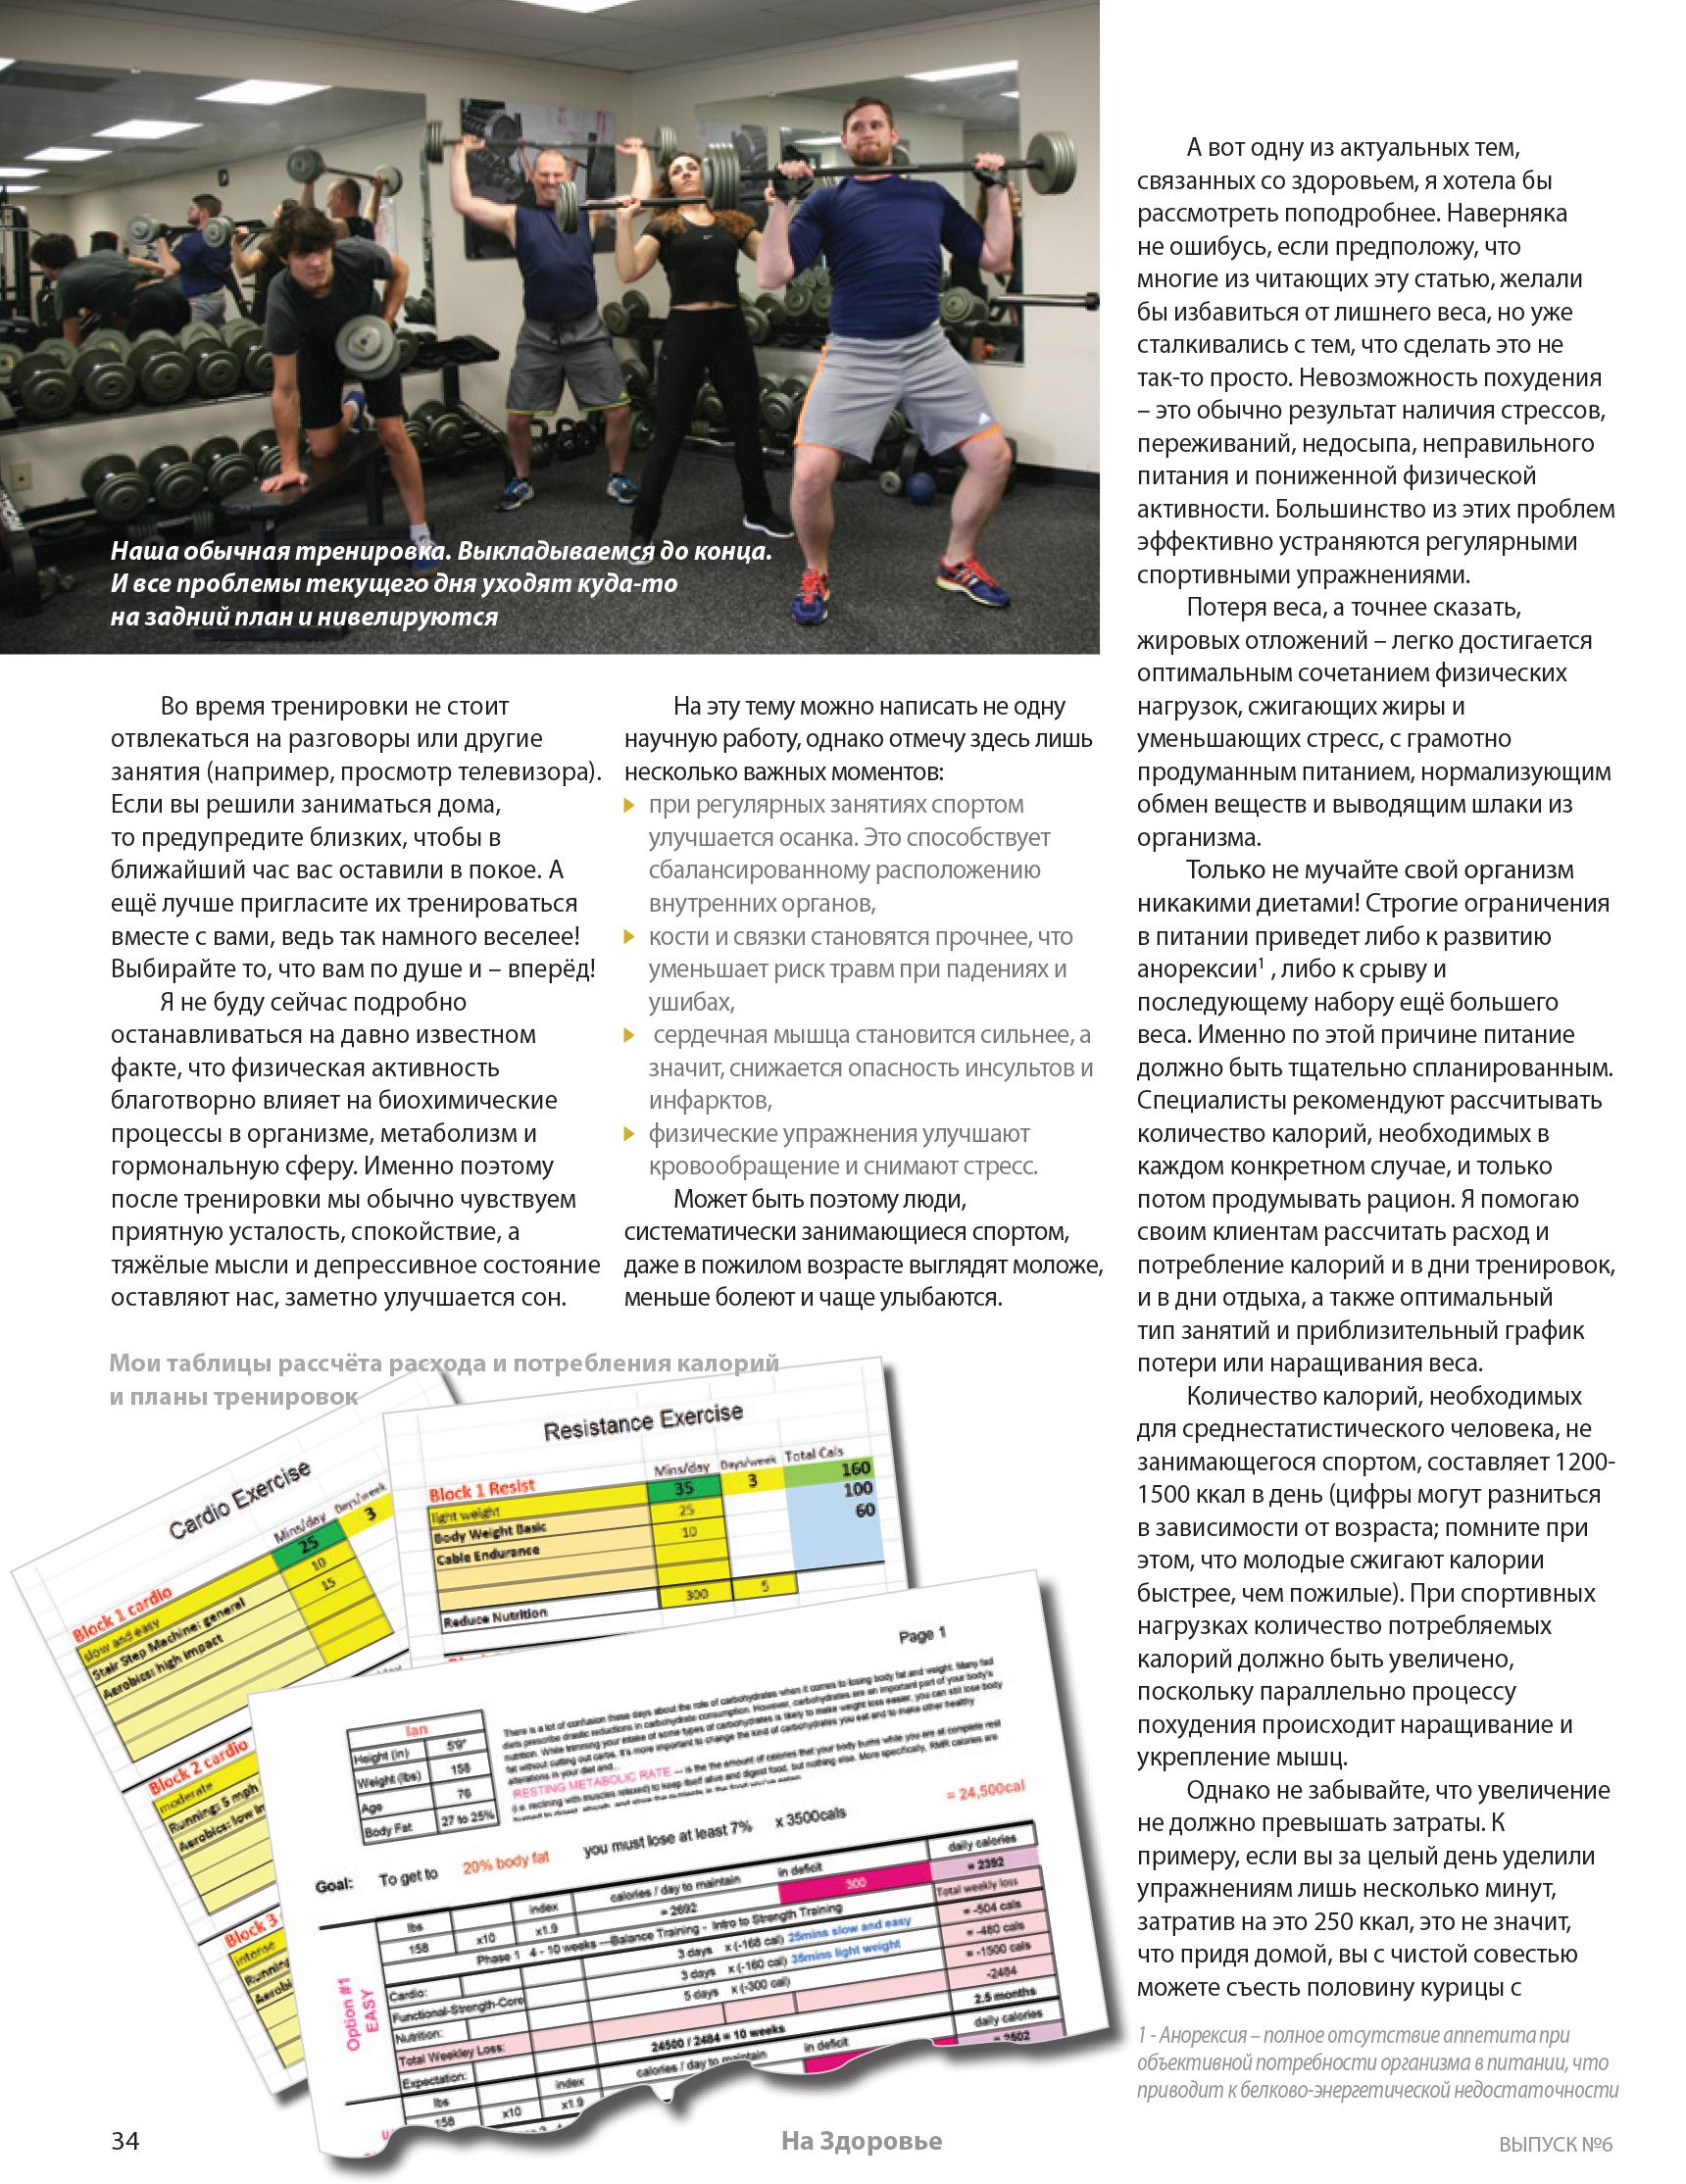 #6-NaZdorovie-article-3